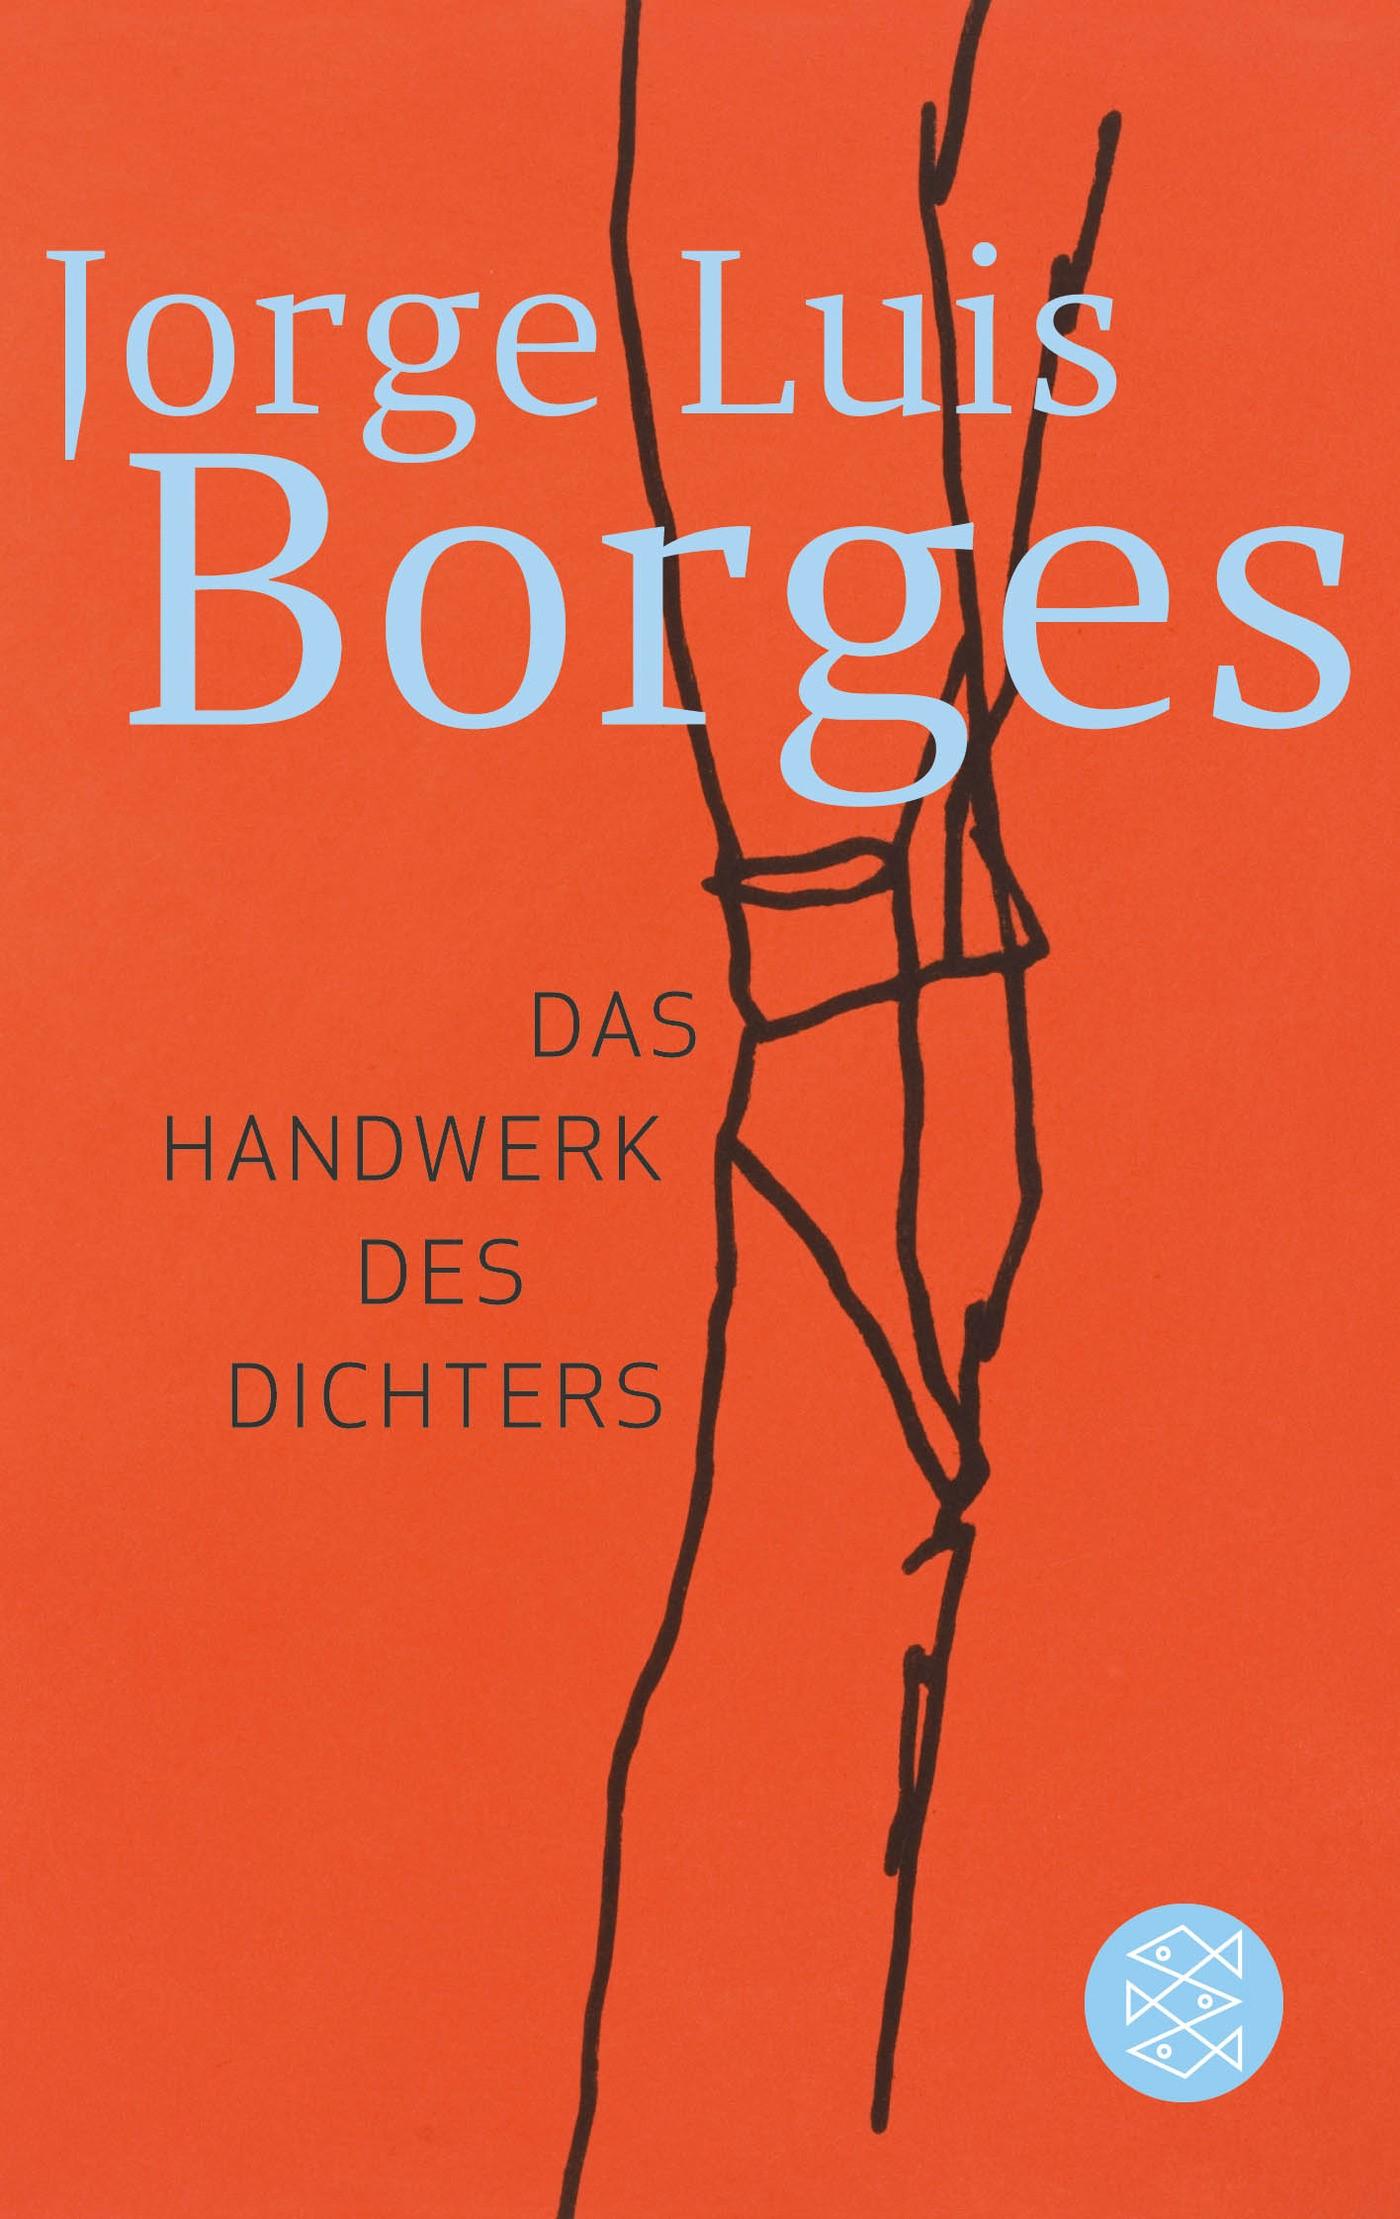 Das Handwerk des Dichters | Borges, 2008 | Buch (Cover)